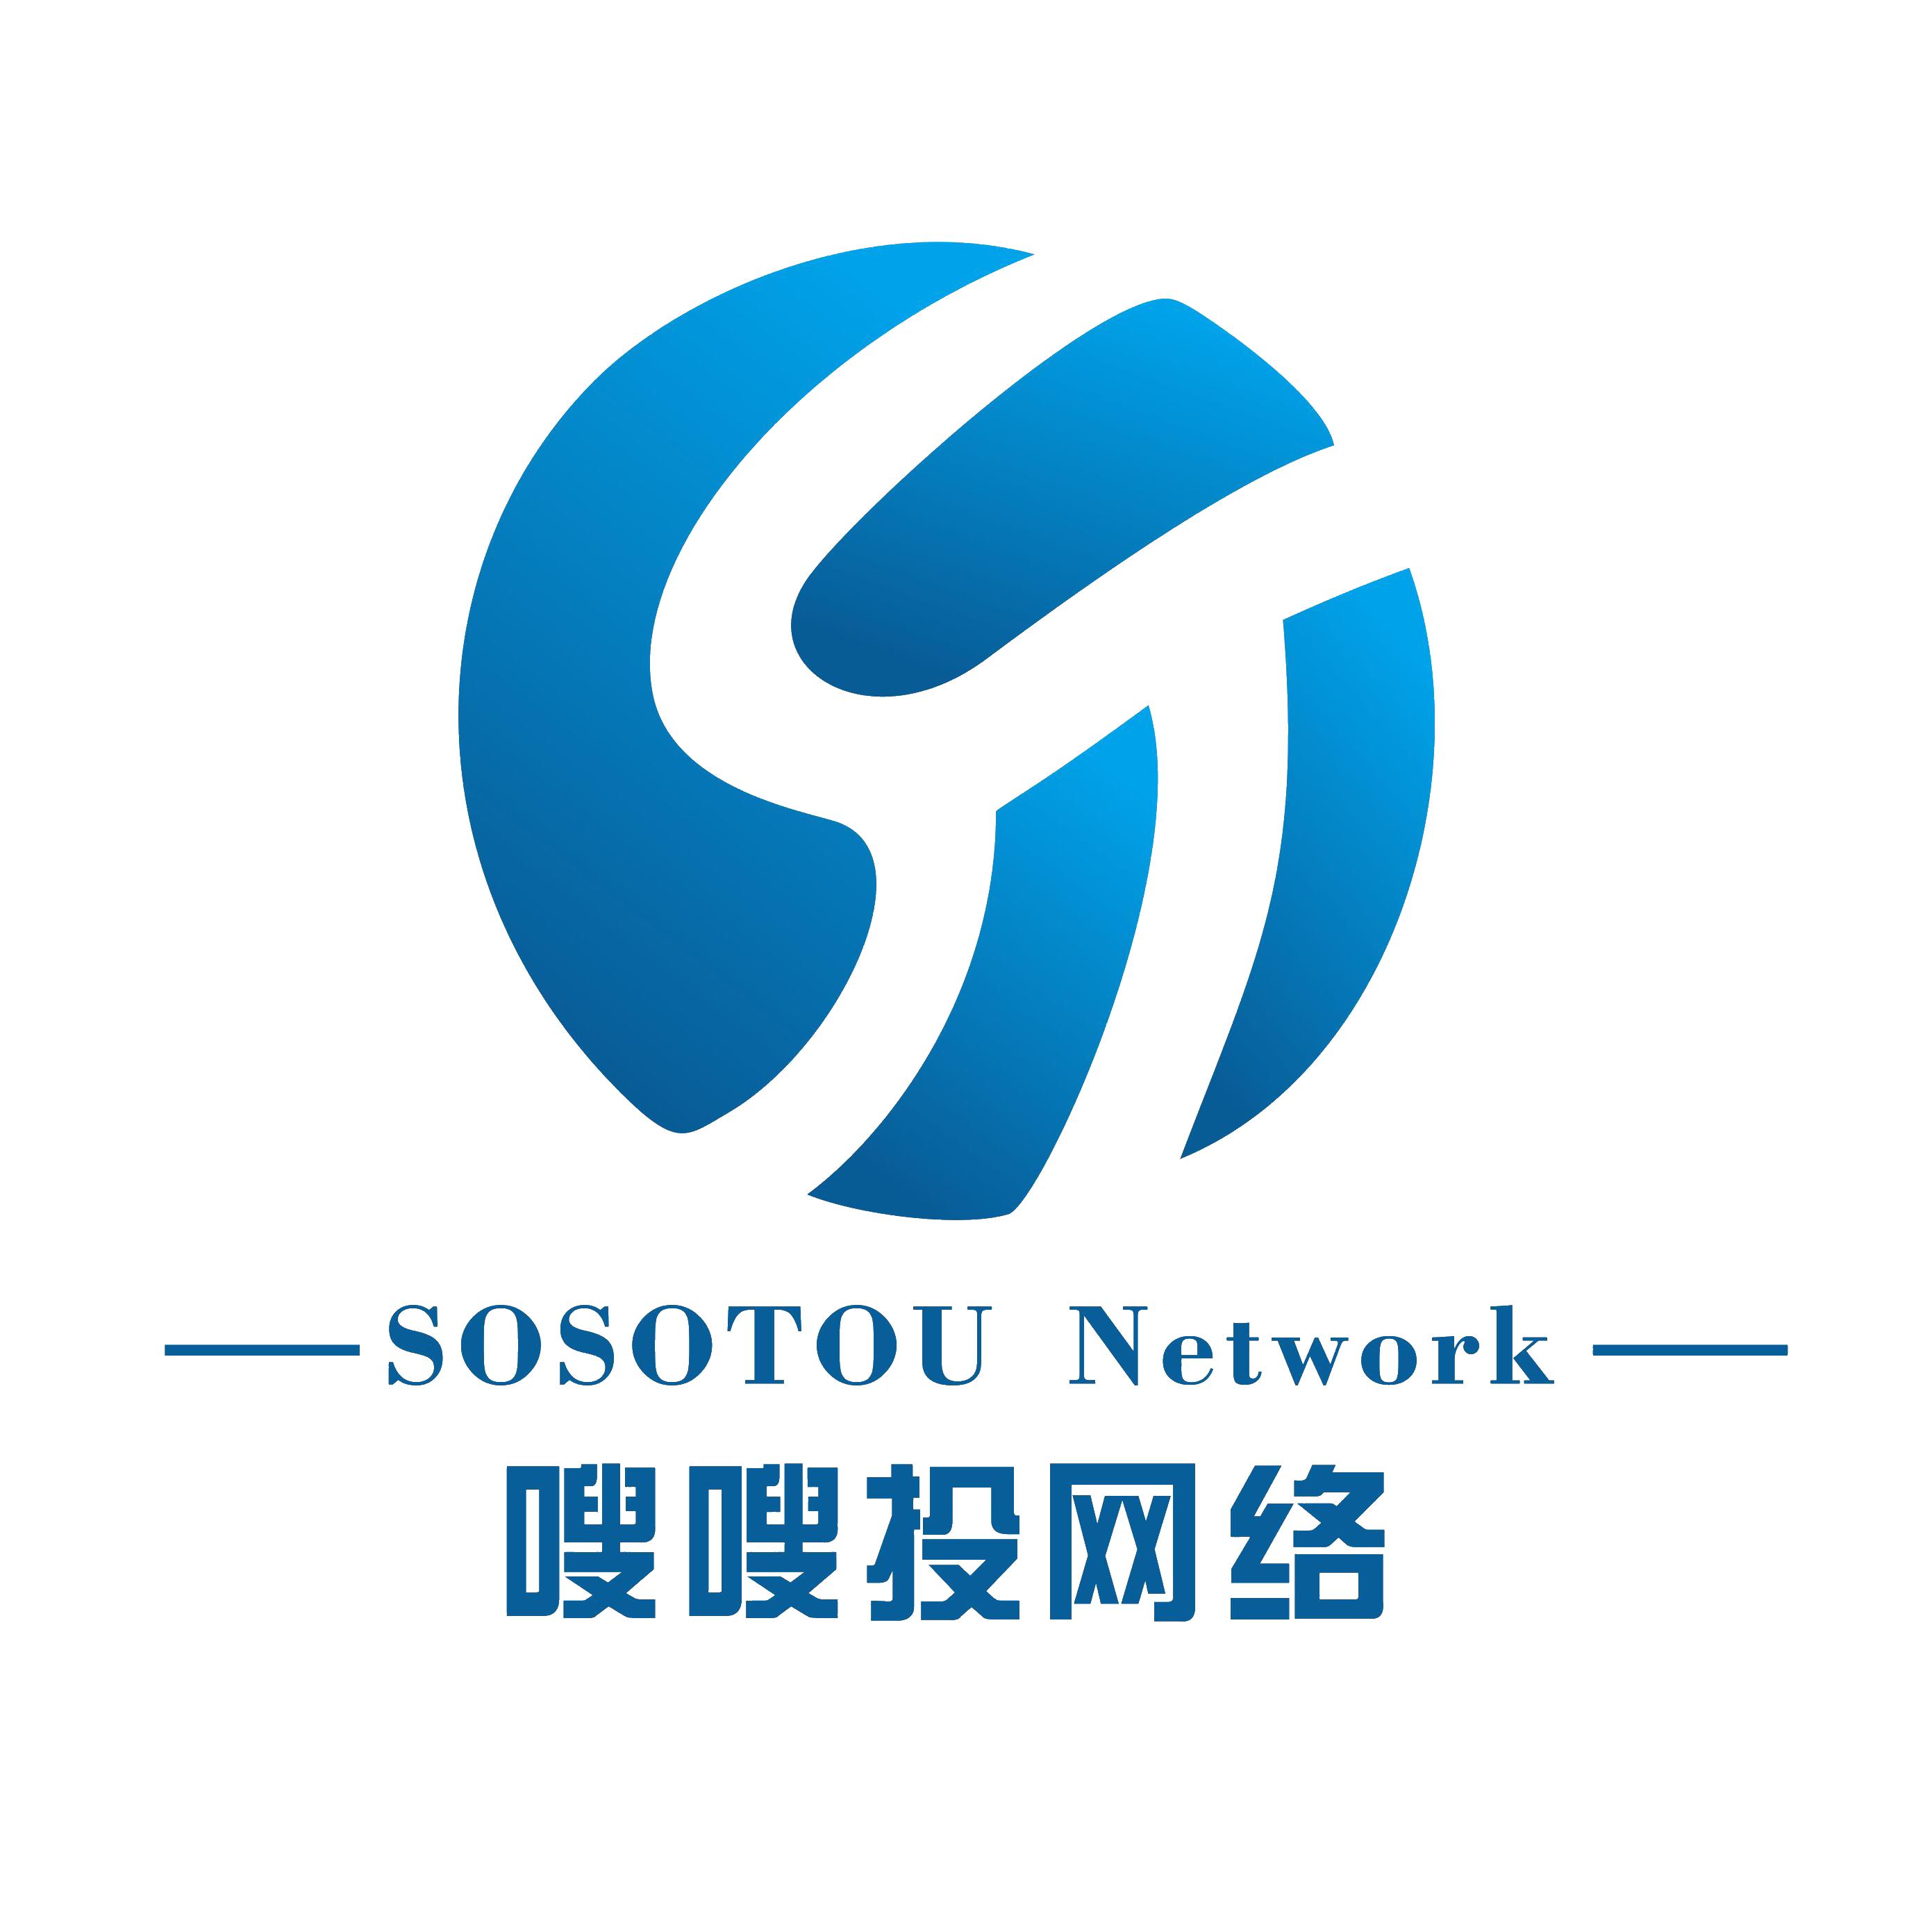 长沙竞价托管多少钱_竞价相关-湖南嗖嗖投网络科技有限公司